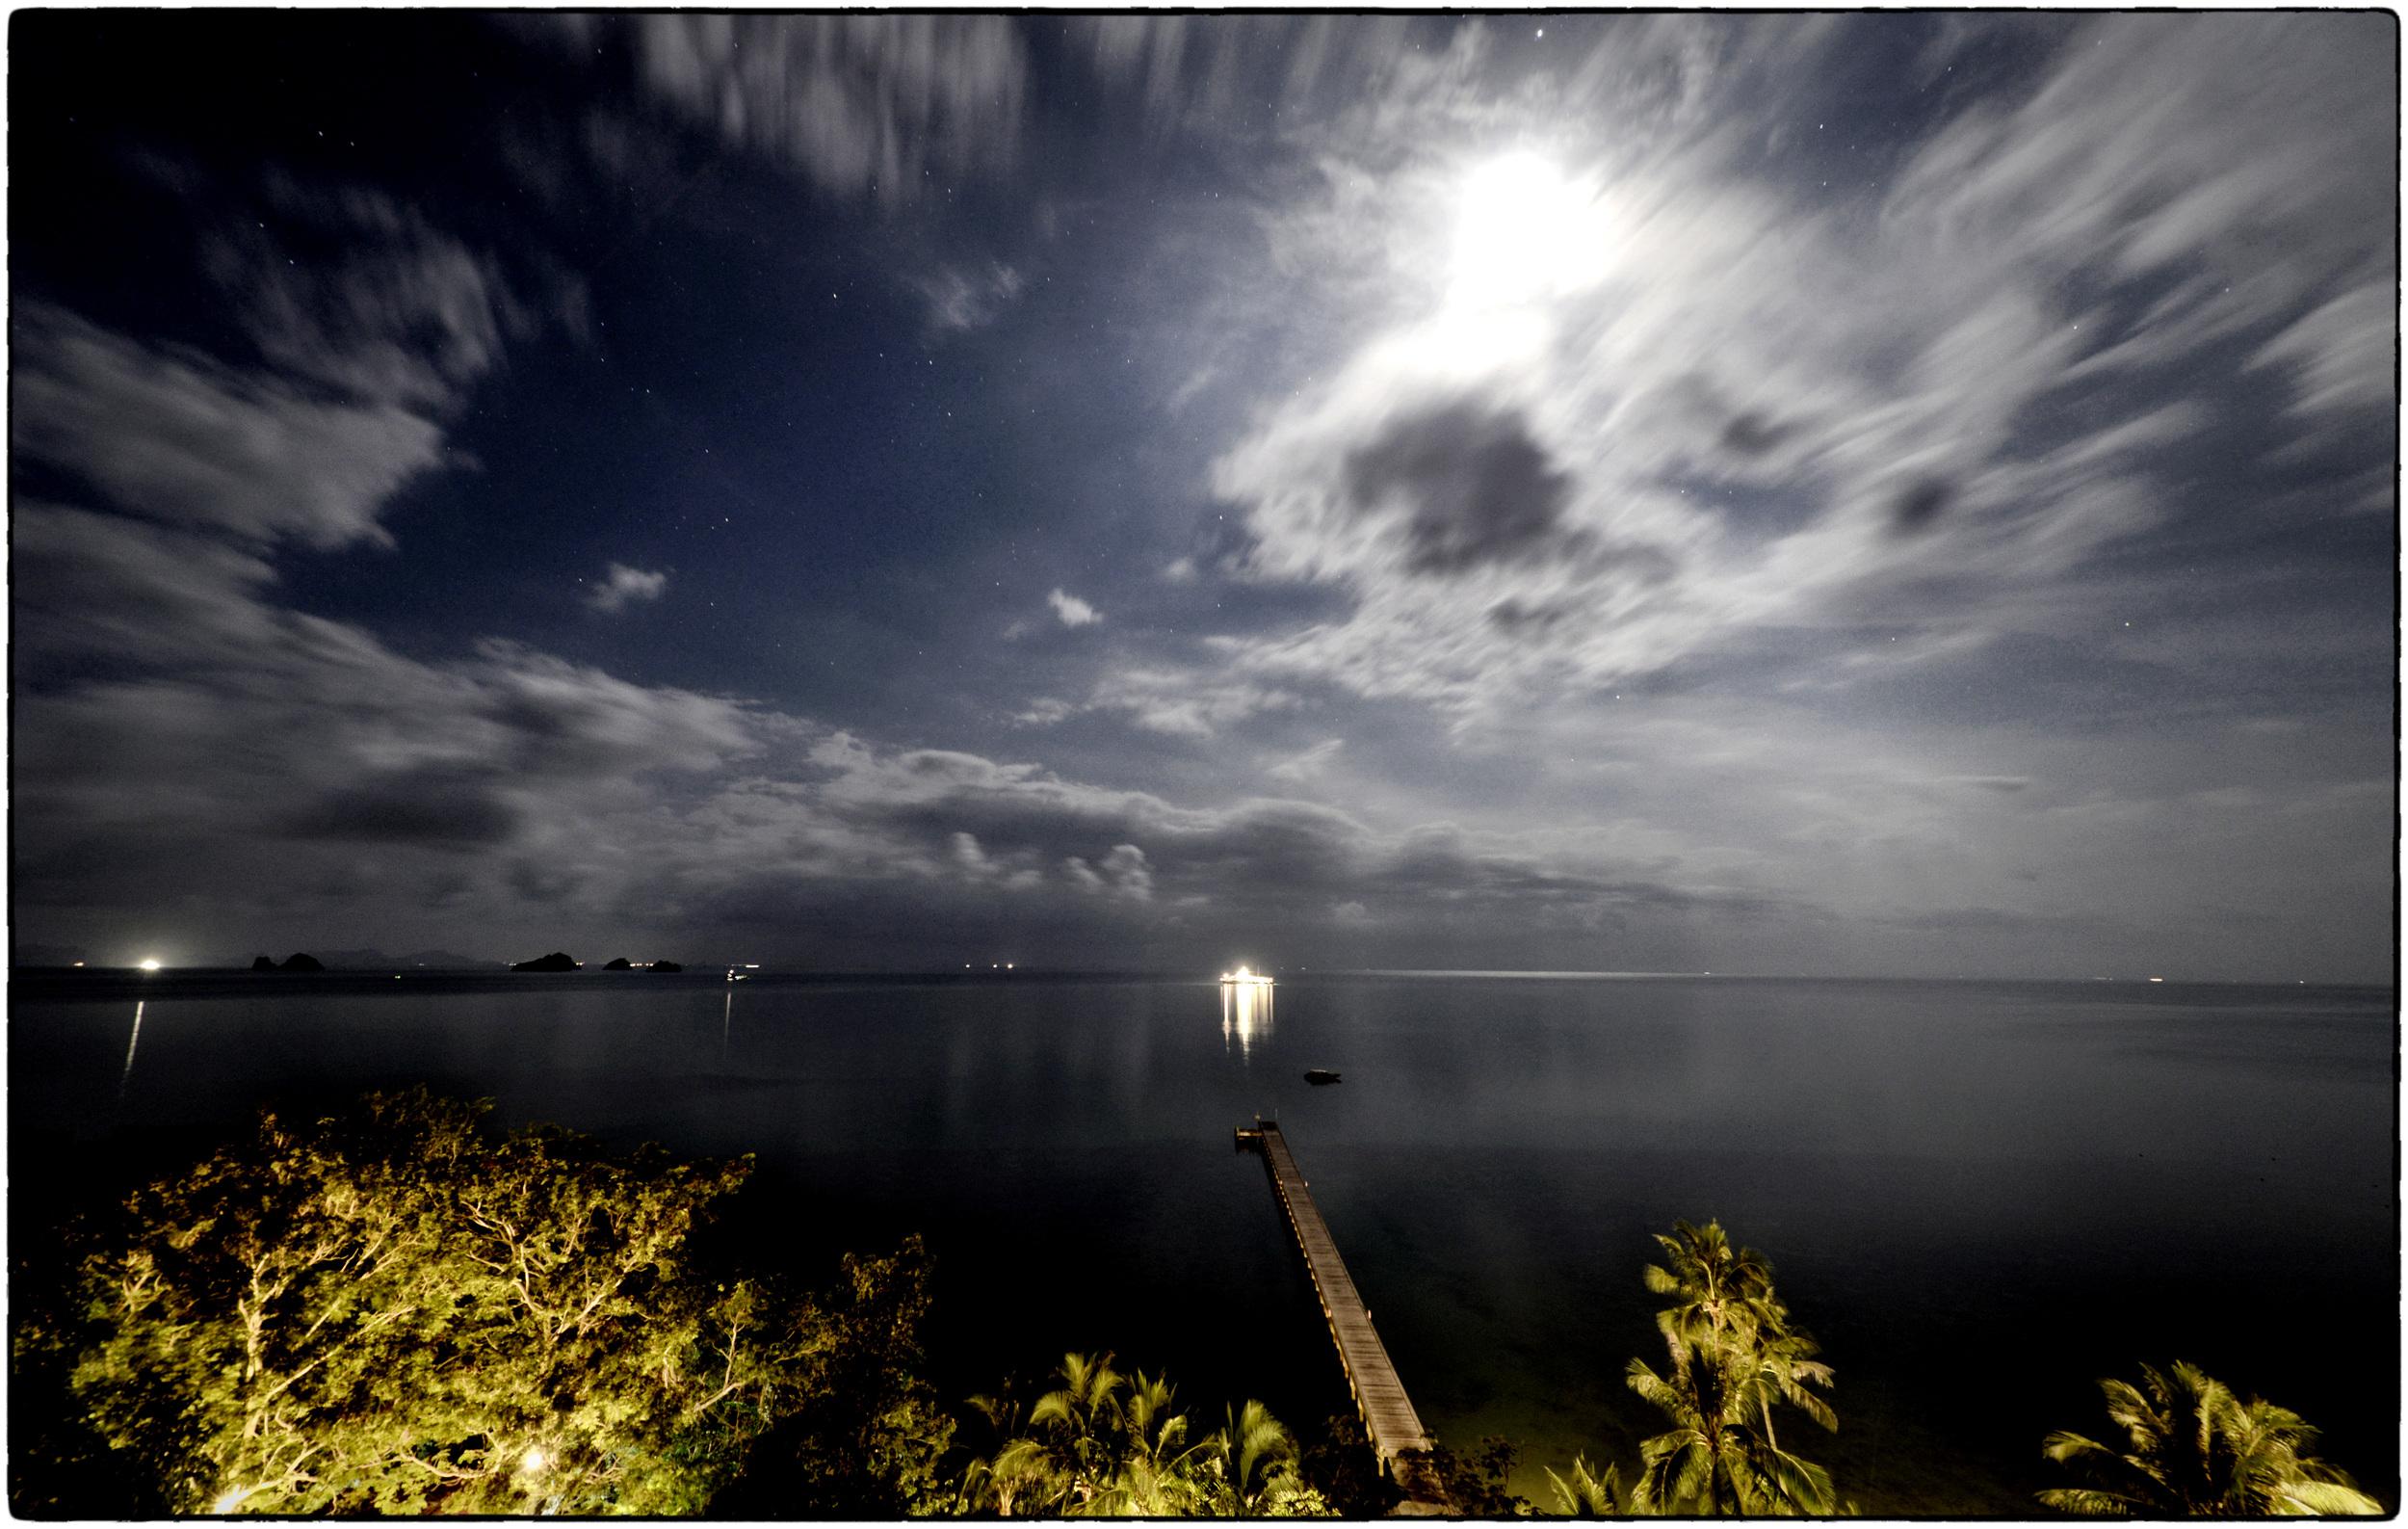 NightOceanView.jpg